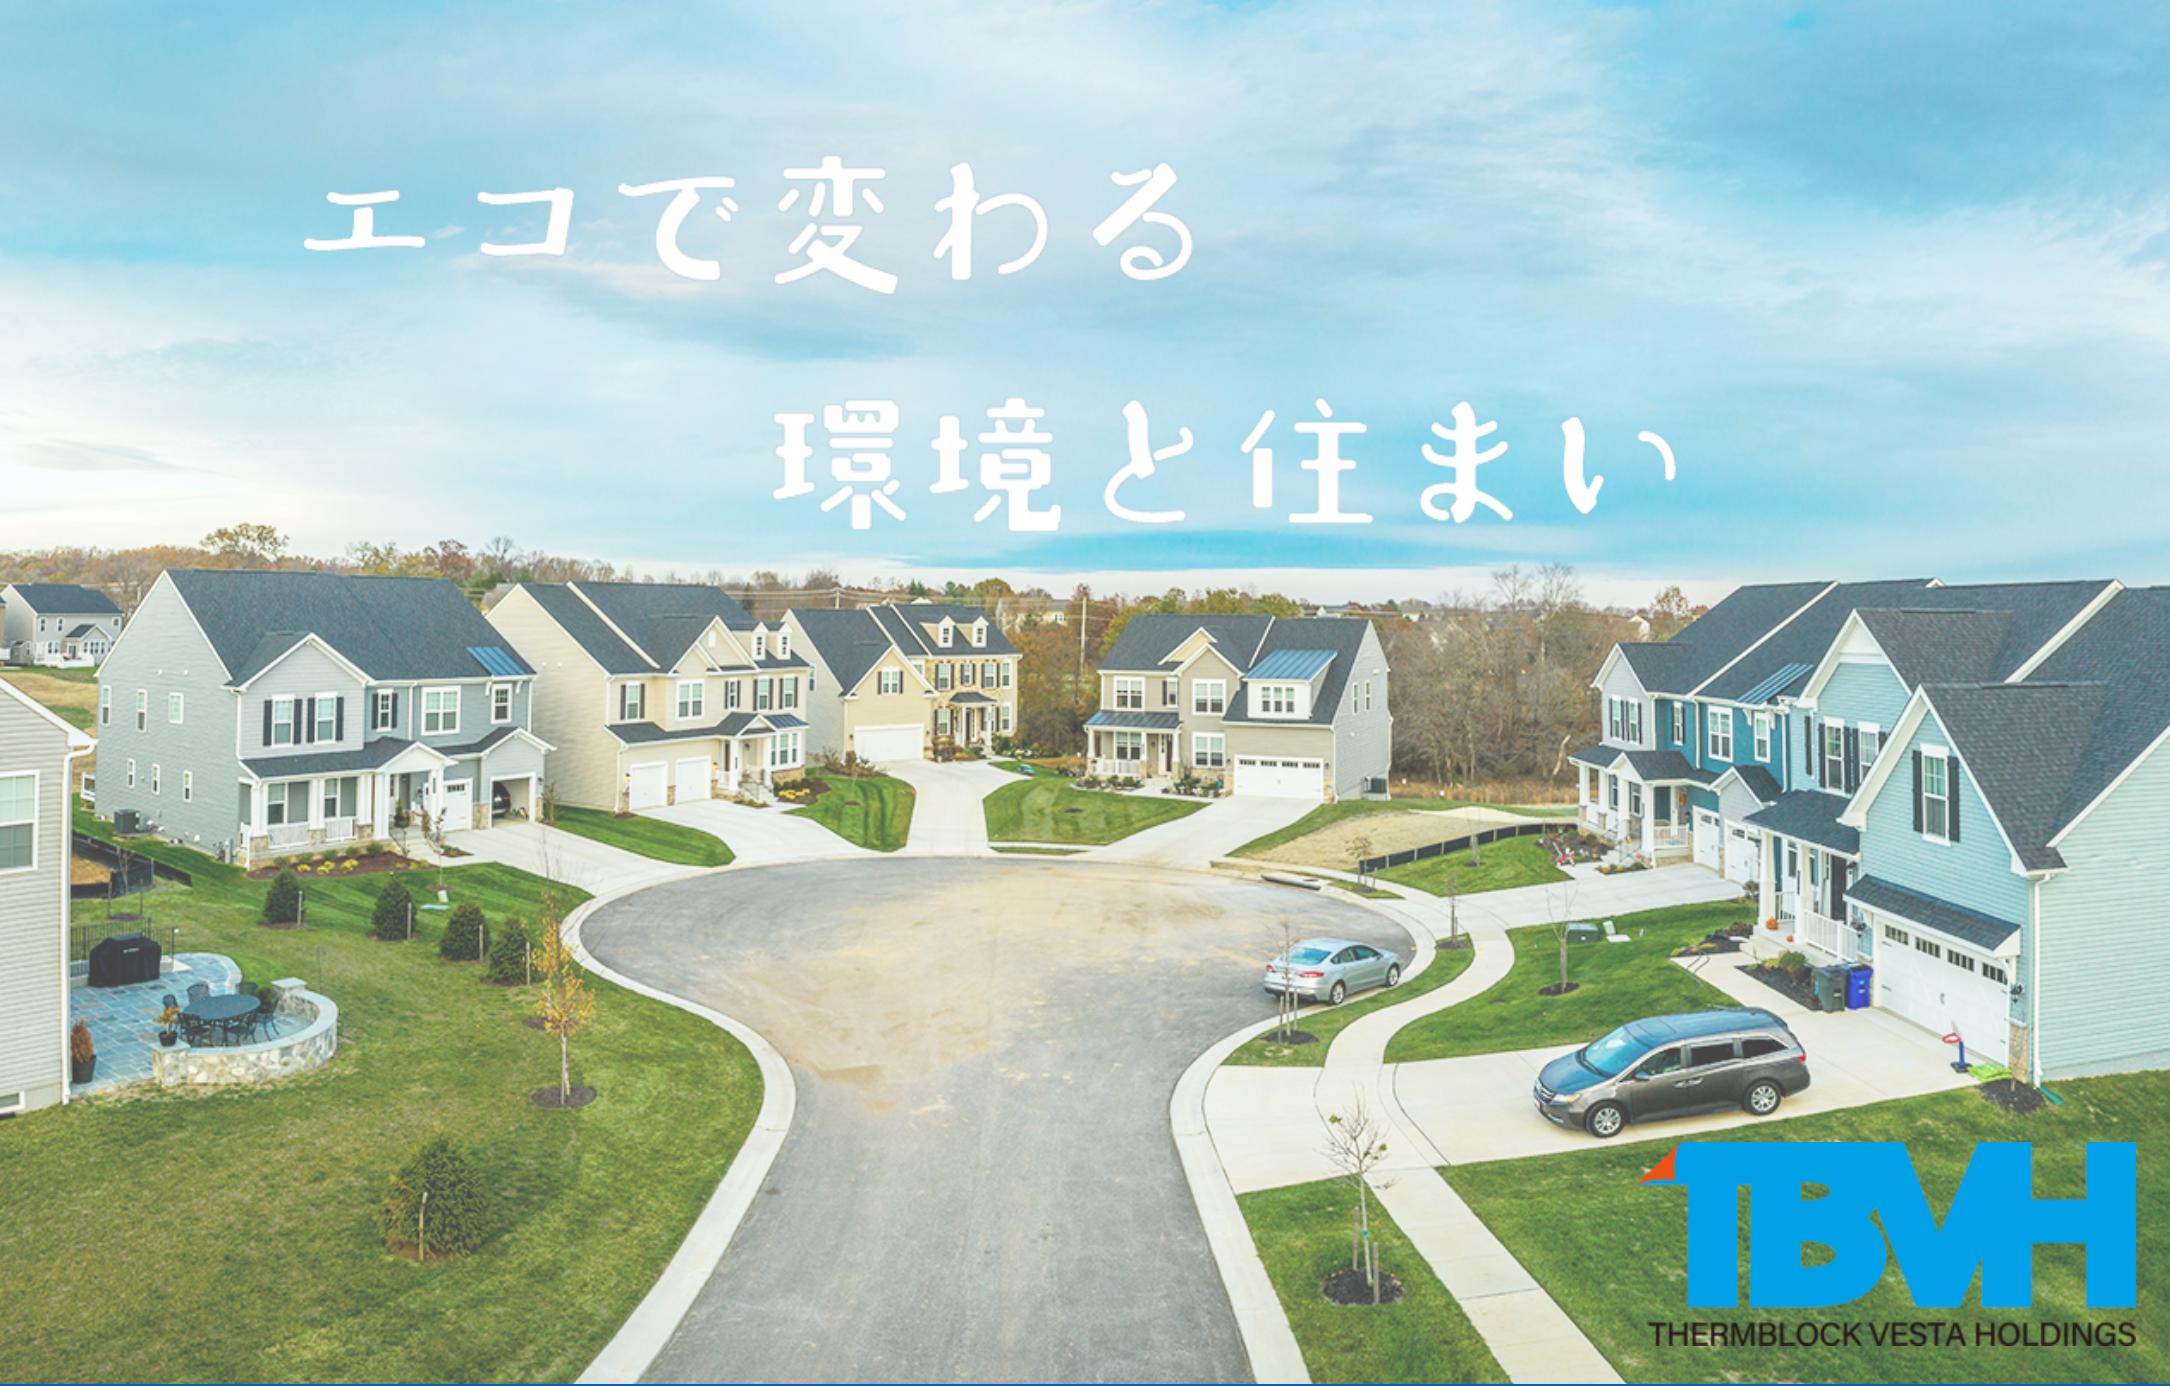 サーモブロック・エヌエー株式会社